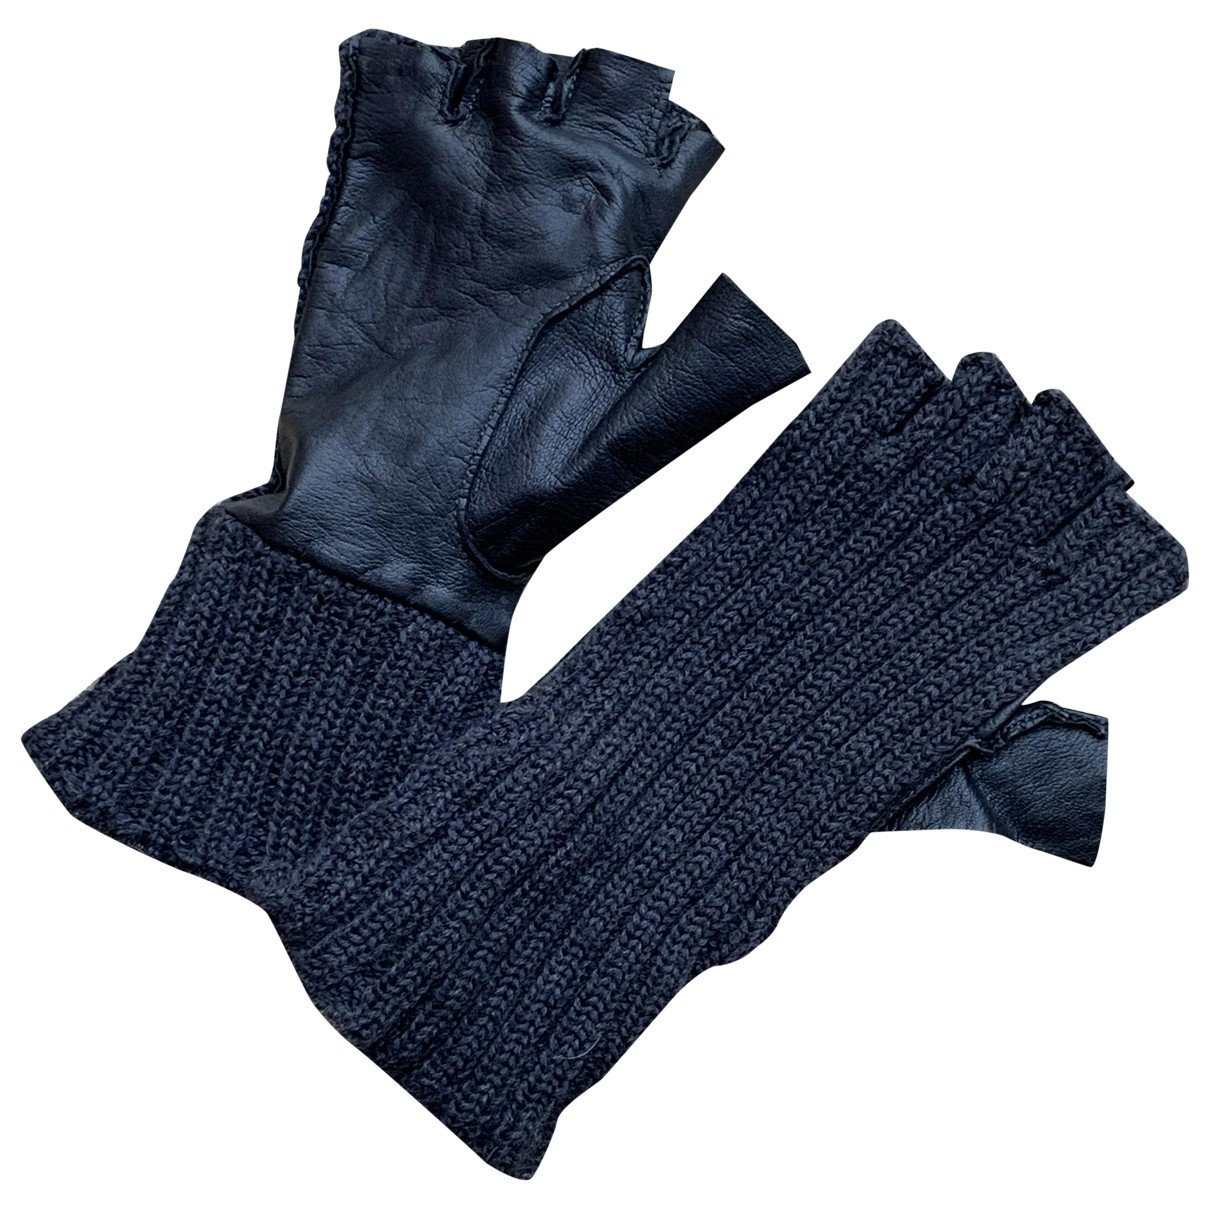 Costume National - Gants   pour homme en cuir